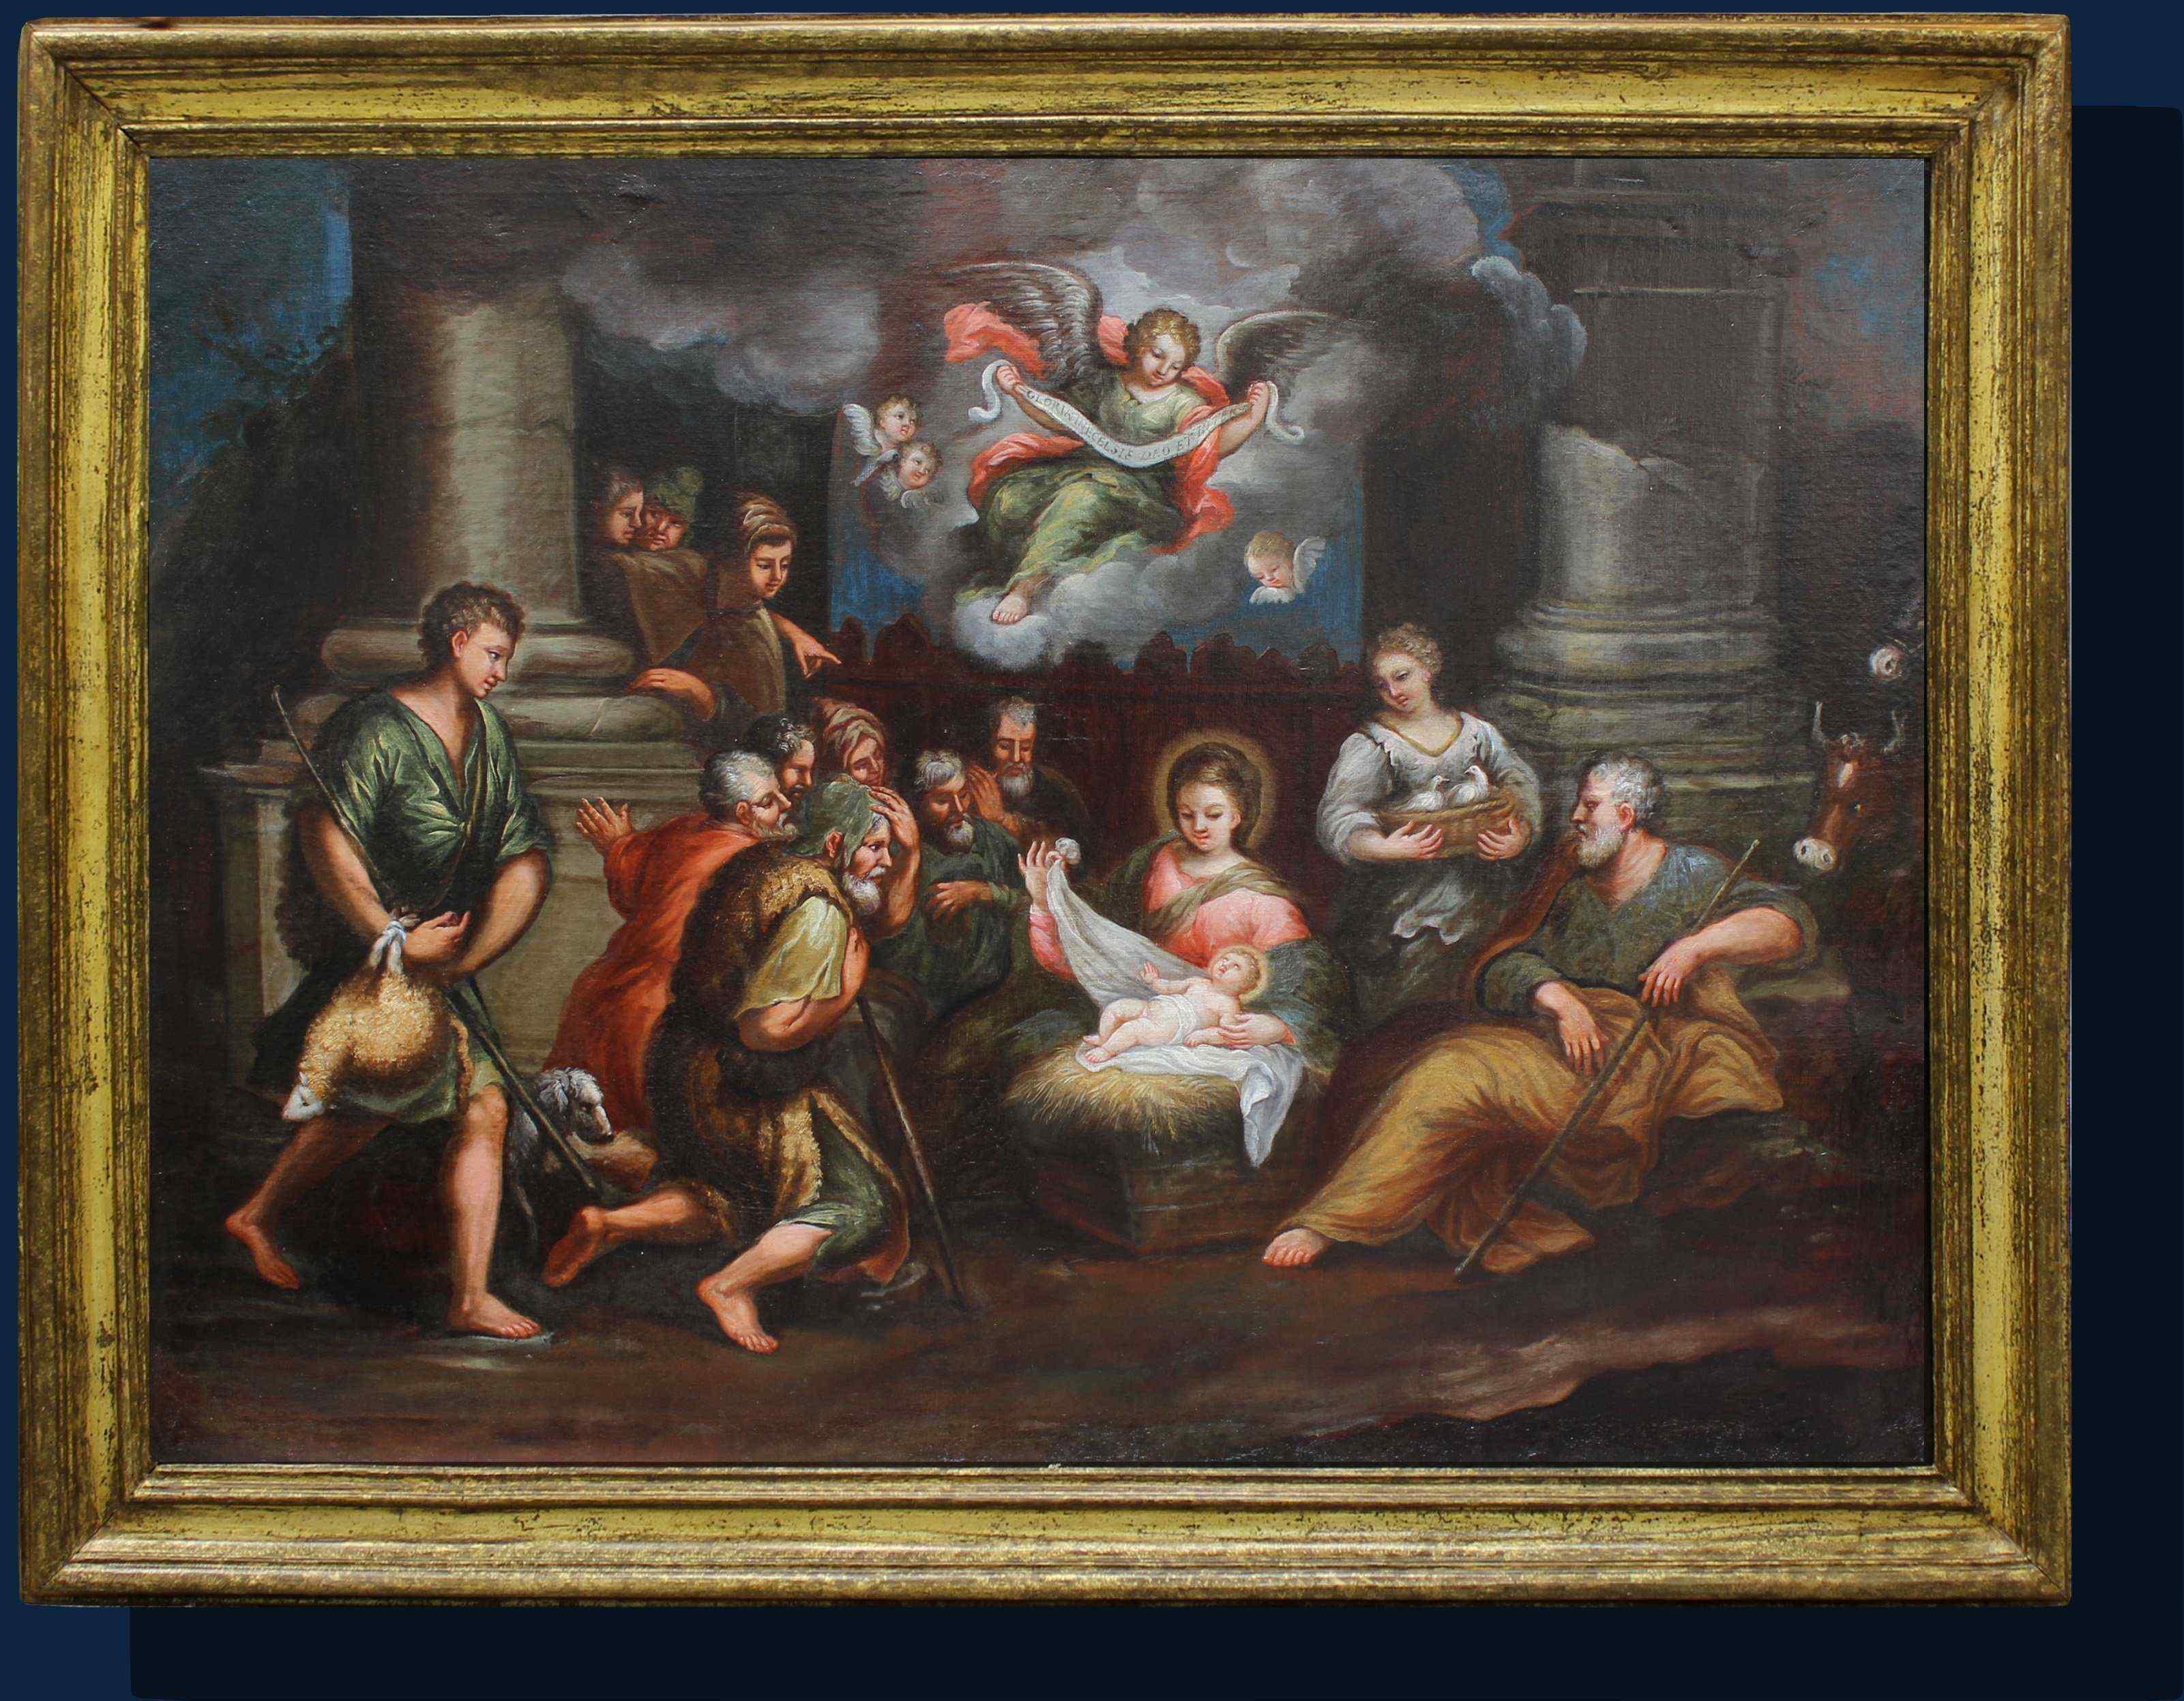 Scuola romana, XVII SECOLO, ADORAZIONE DEI PASTORI, OLIO